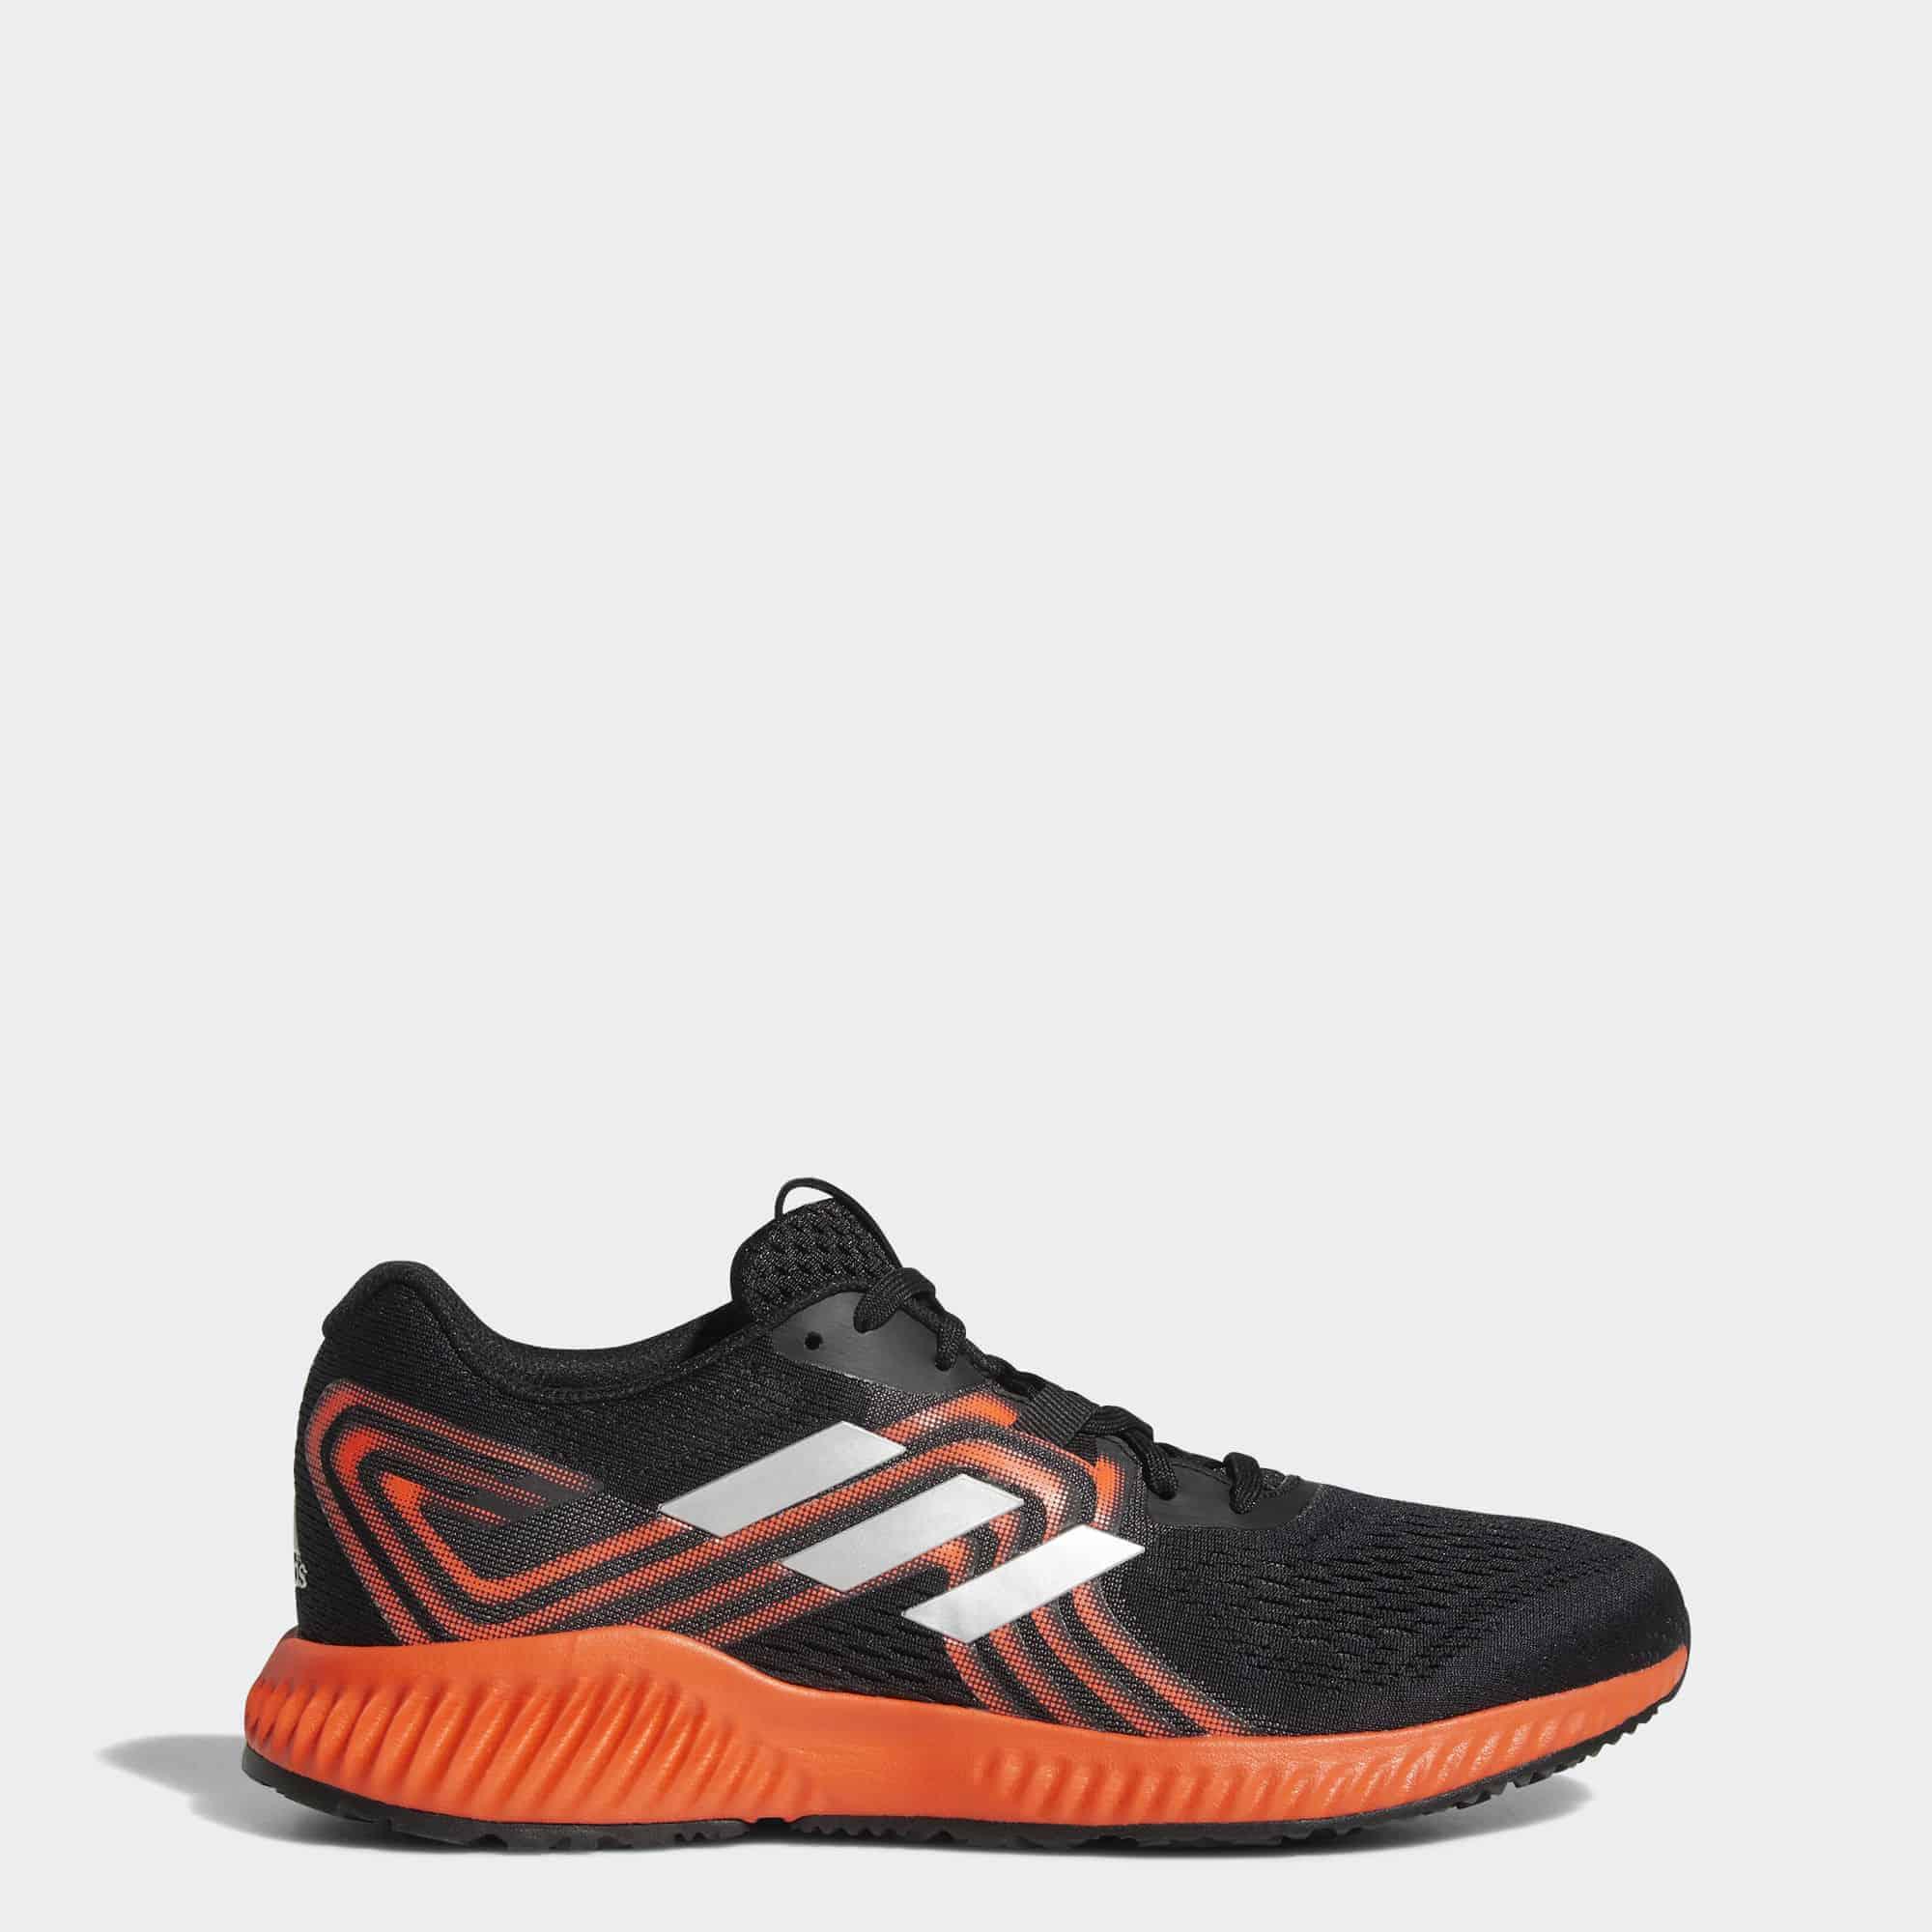 Кроссовки для бега Adidas Aerobounce 2 мужские